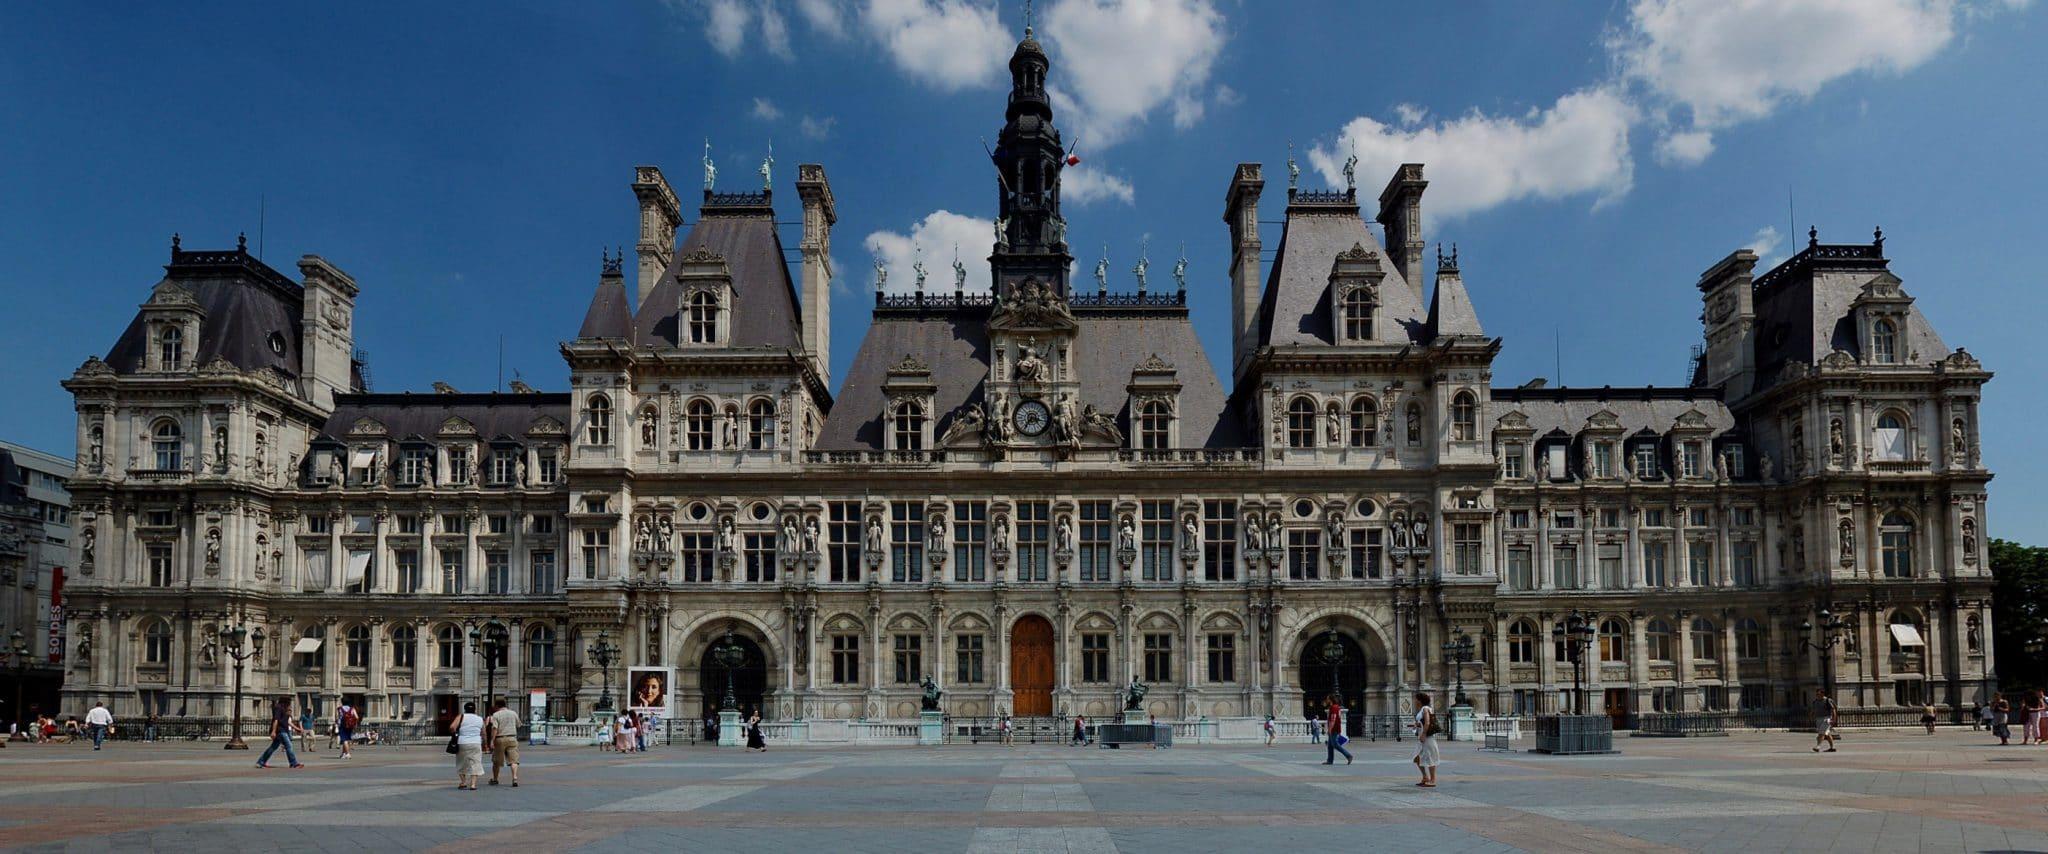 Hôtel de ville de Paris photo